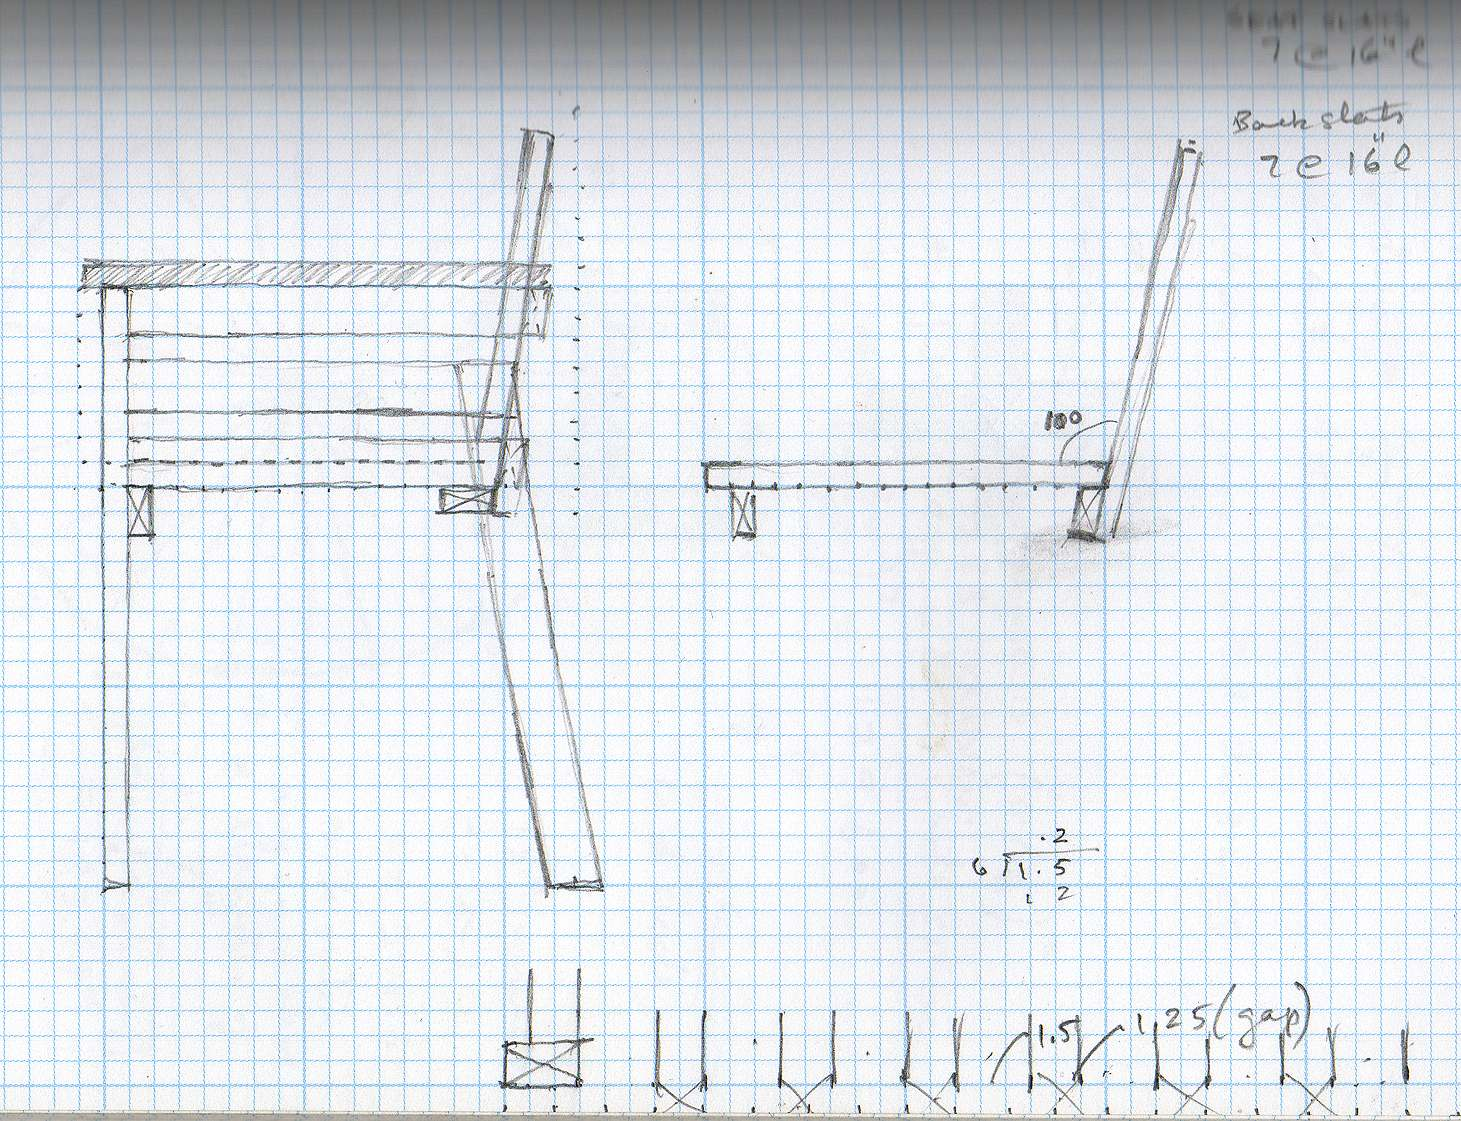 Maak een tuinstoel van pallets met deze bouwtekeningen en dhz voorbeelden